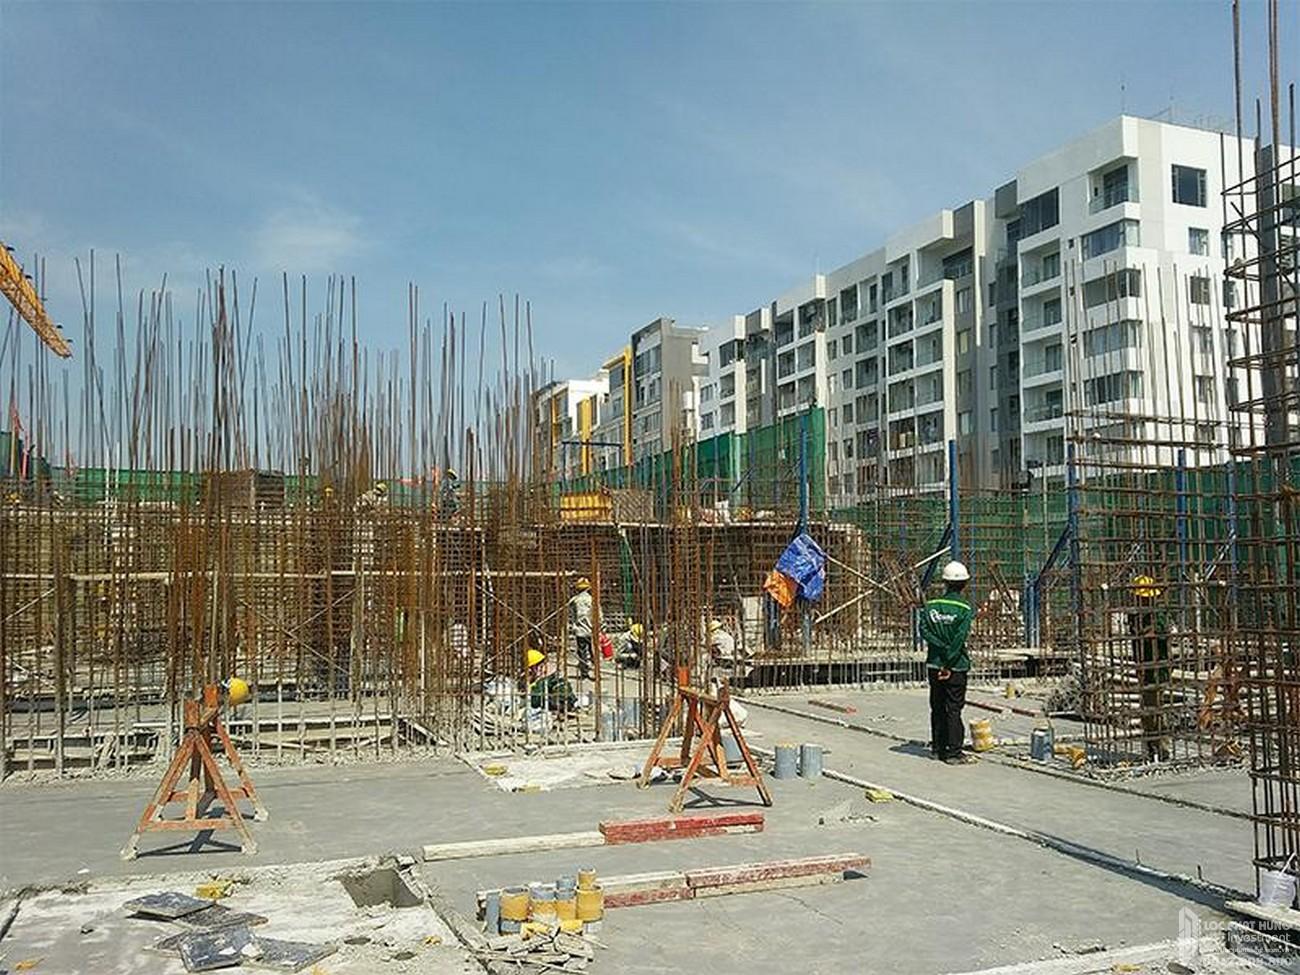 Tiến độ River Panorama dự án căn hộ chung cư Quận 7 tháng 10/2019 Đường Hoàng Quốc Việt chủ đầu tư An Gia Investment